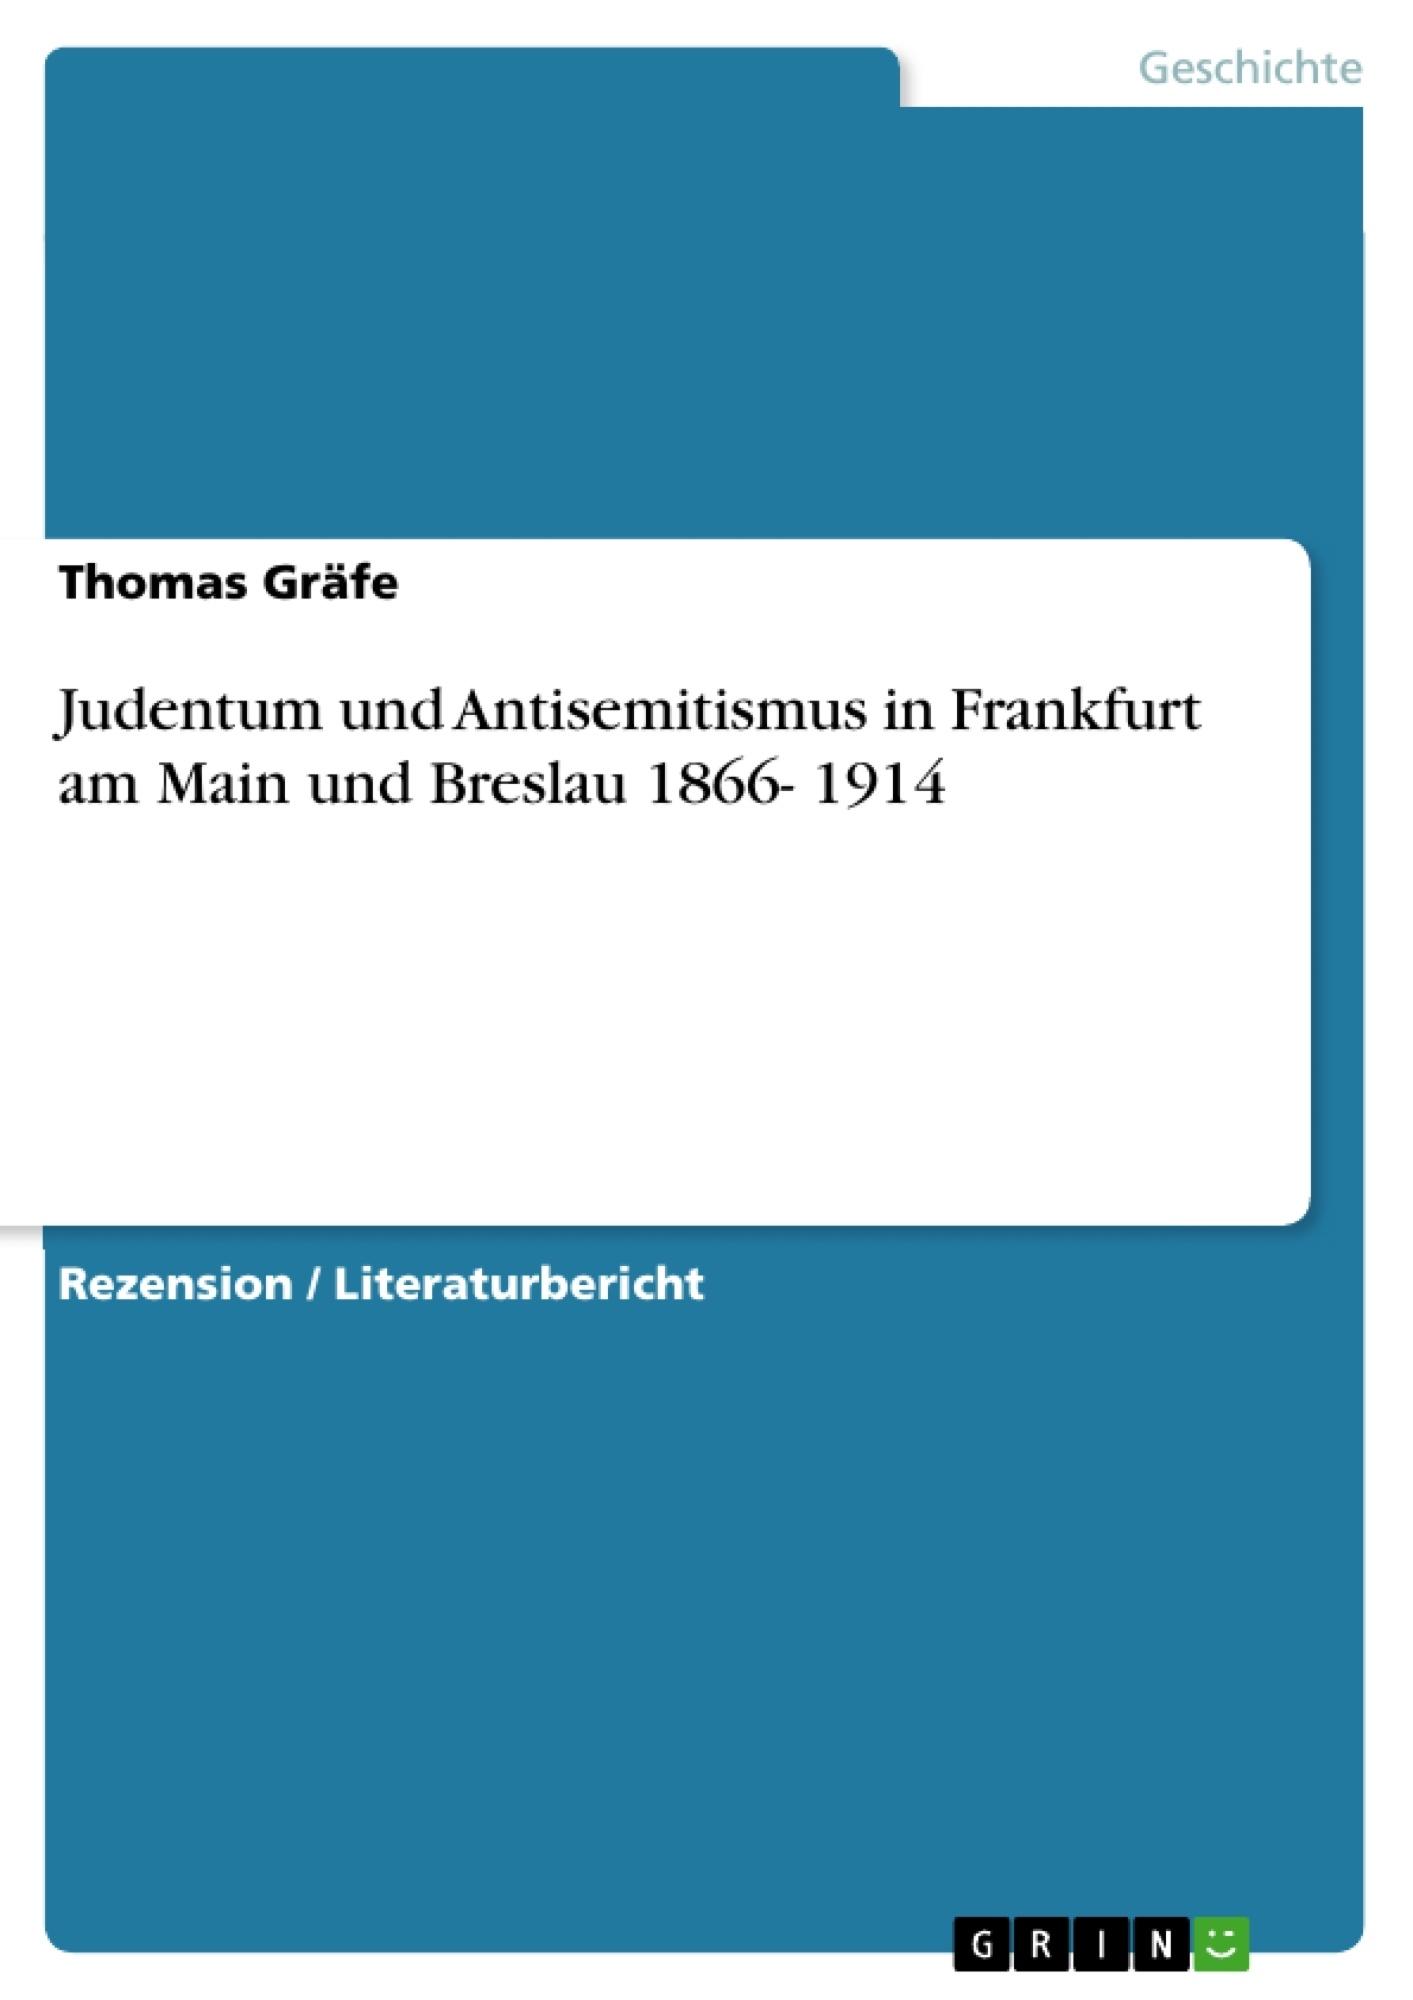 Titel: Judentum und Antisemitismus in Frankfurt am Main und Breslau 1866- 1914